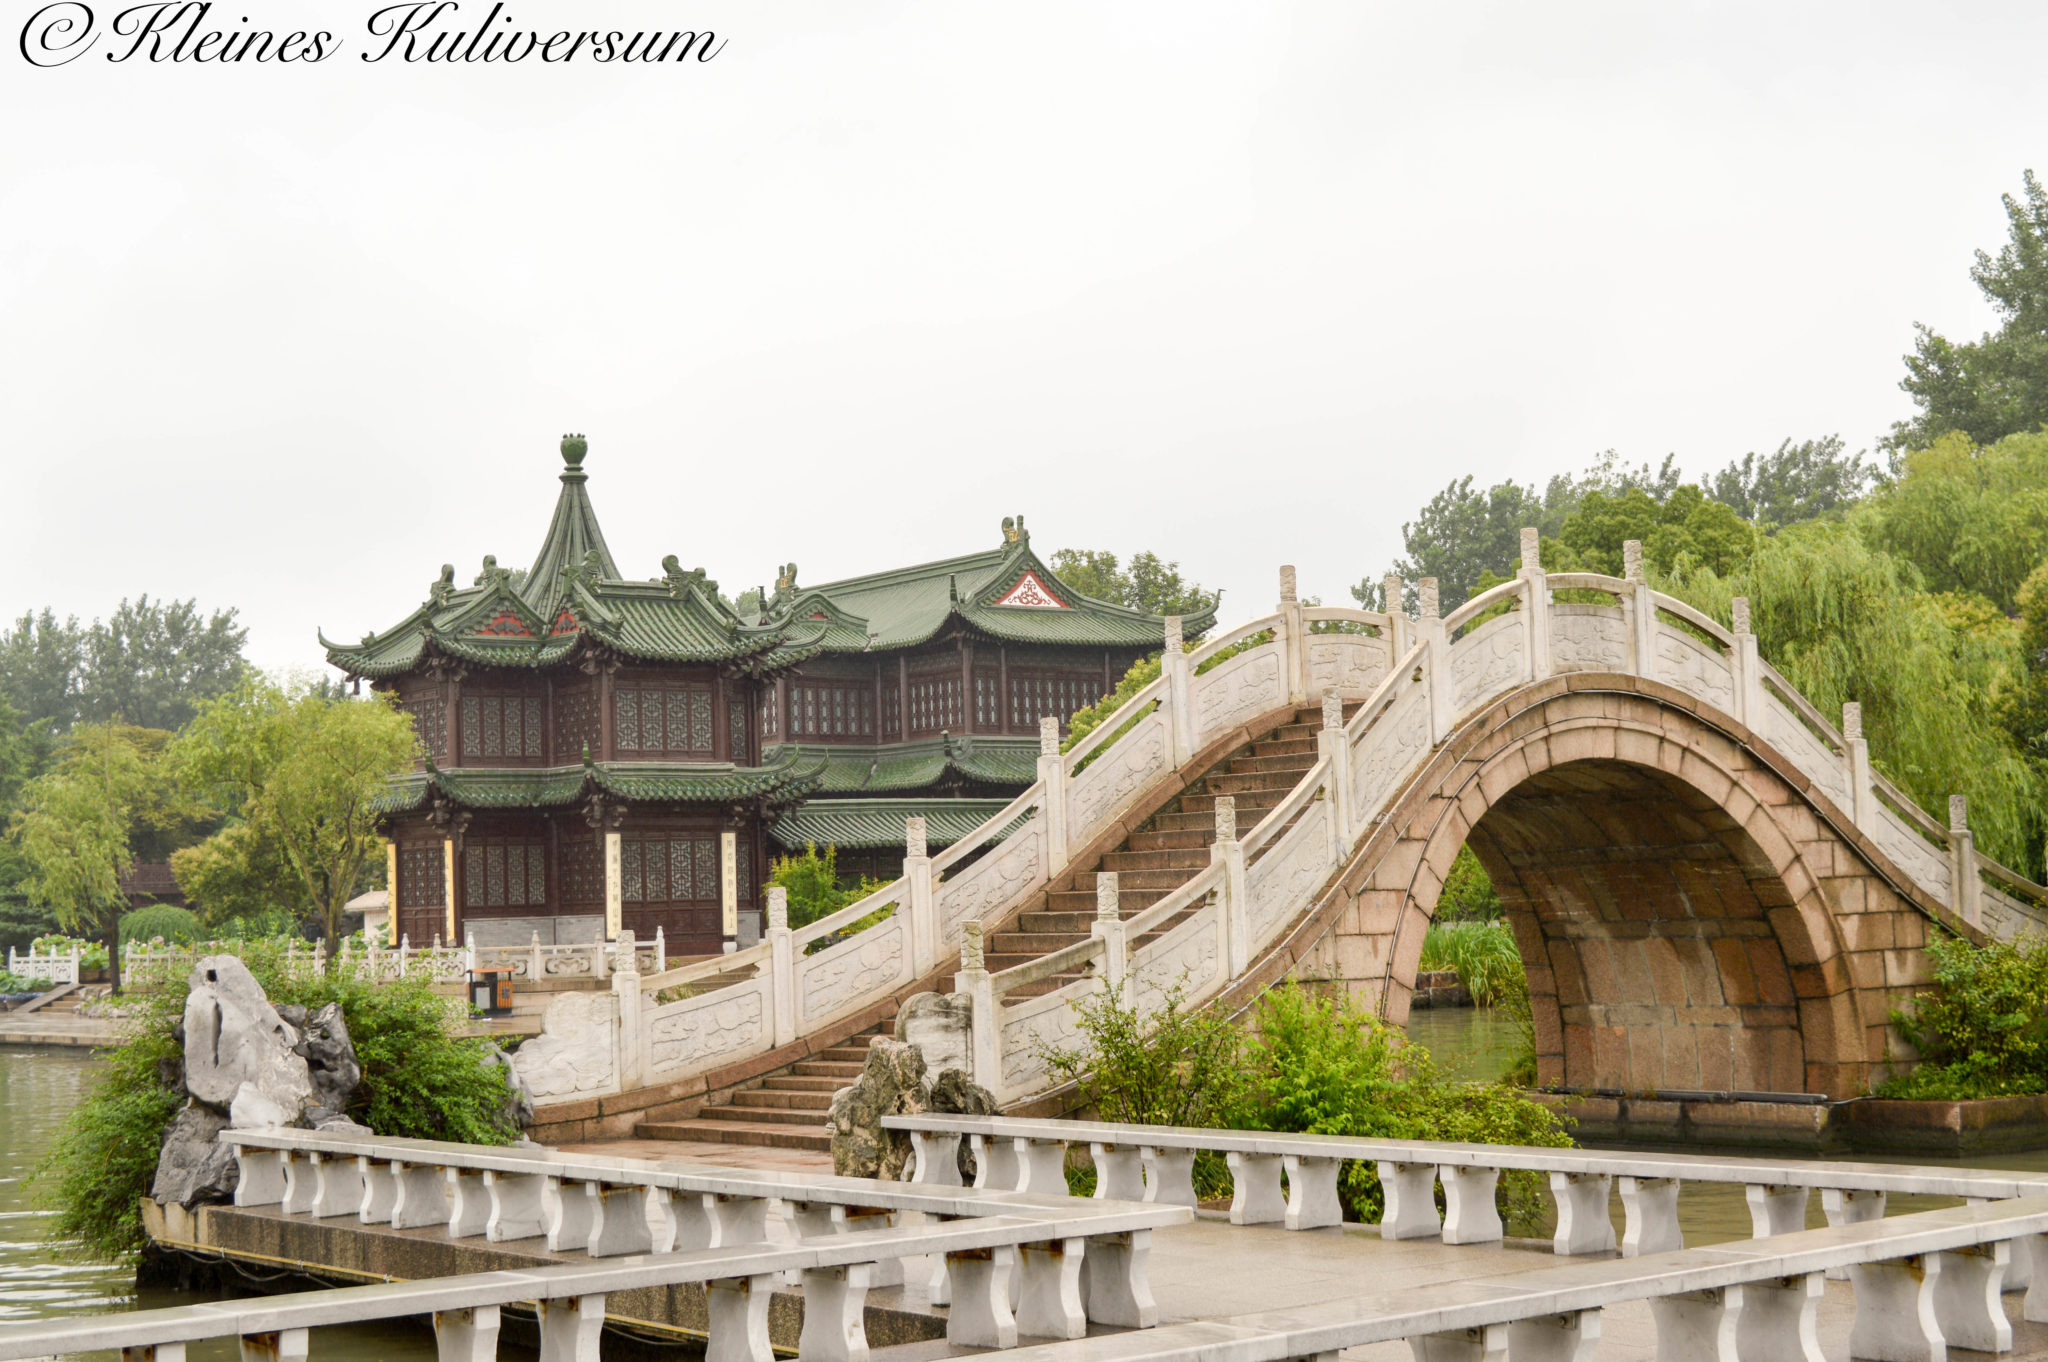 YangzhouChina - Kleines Kuliversum